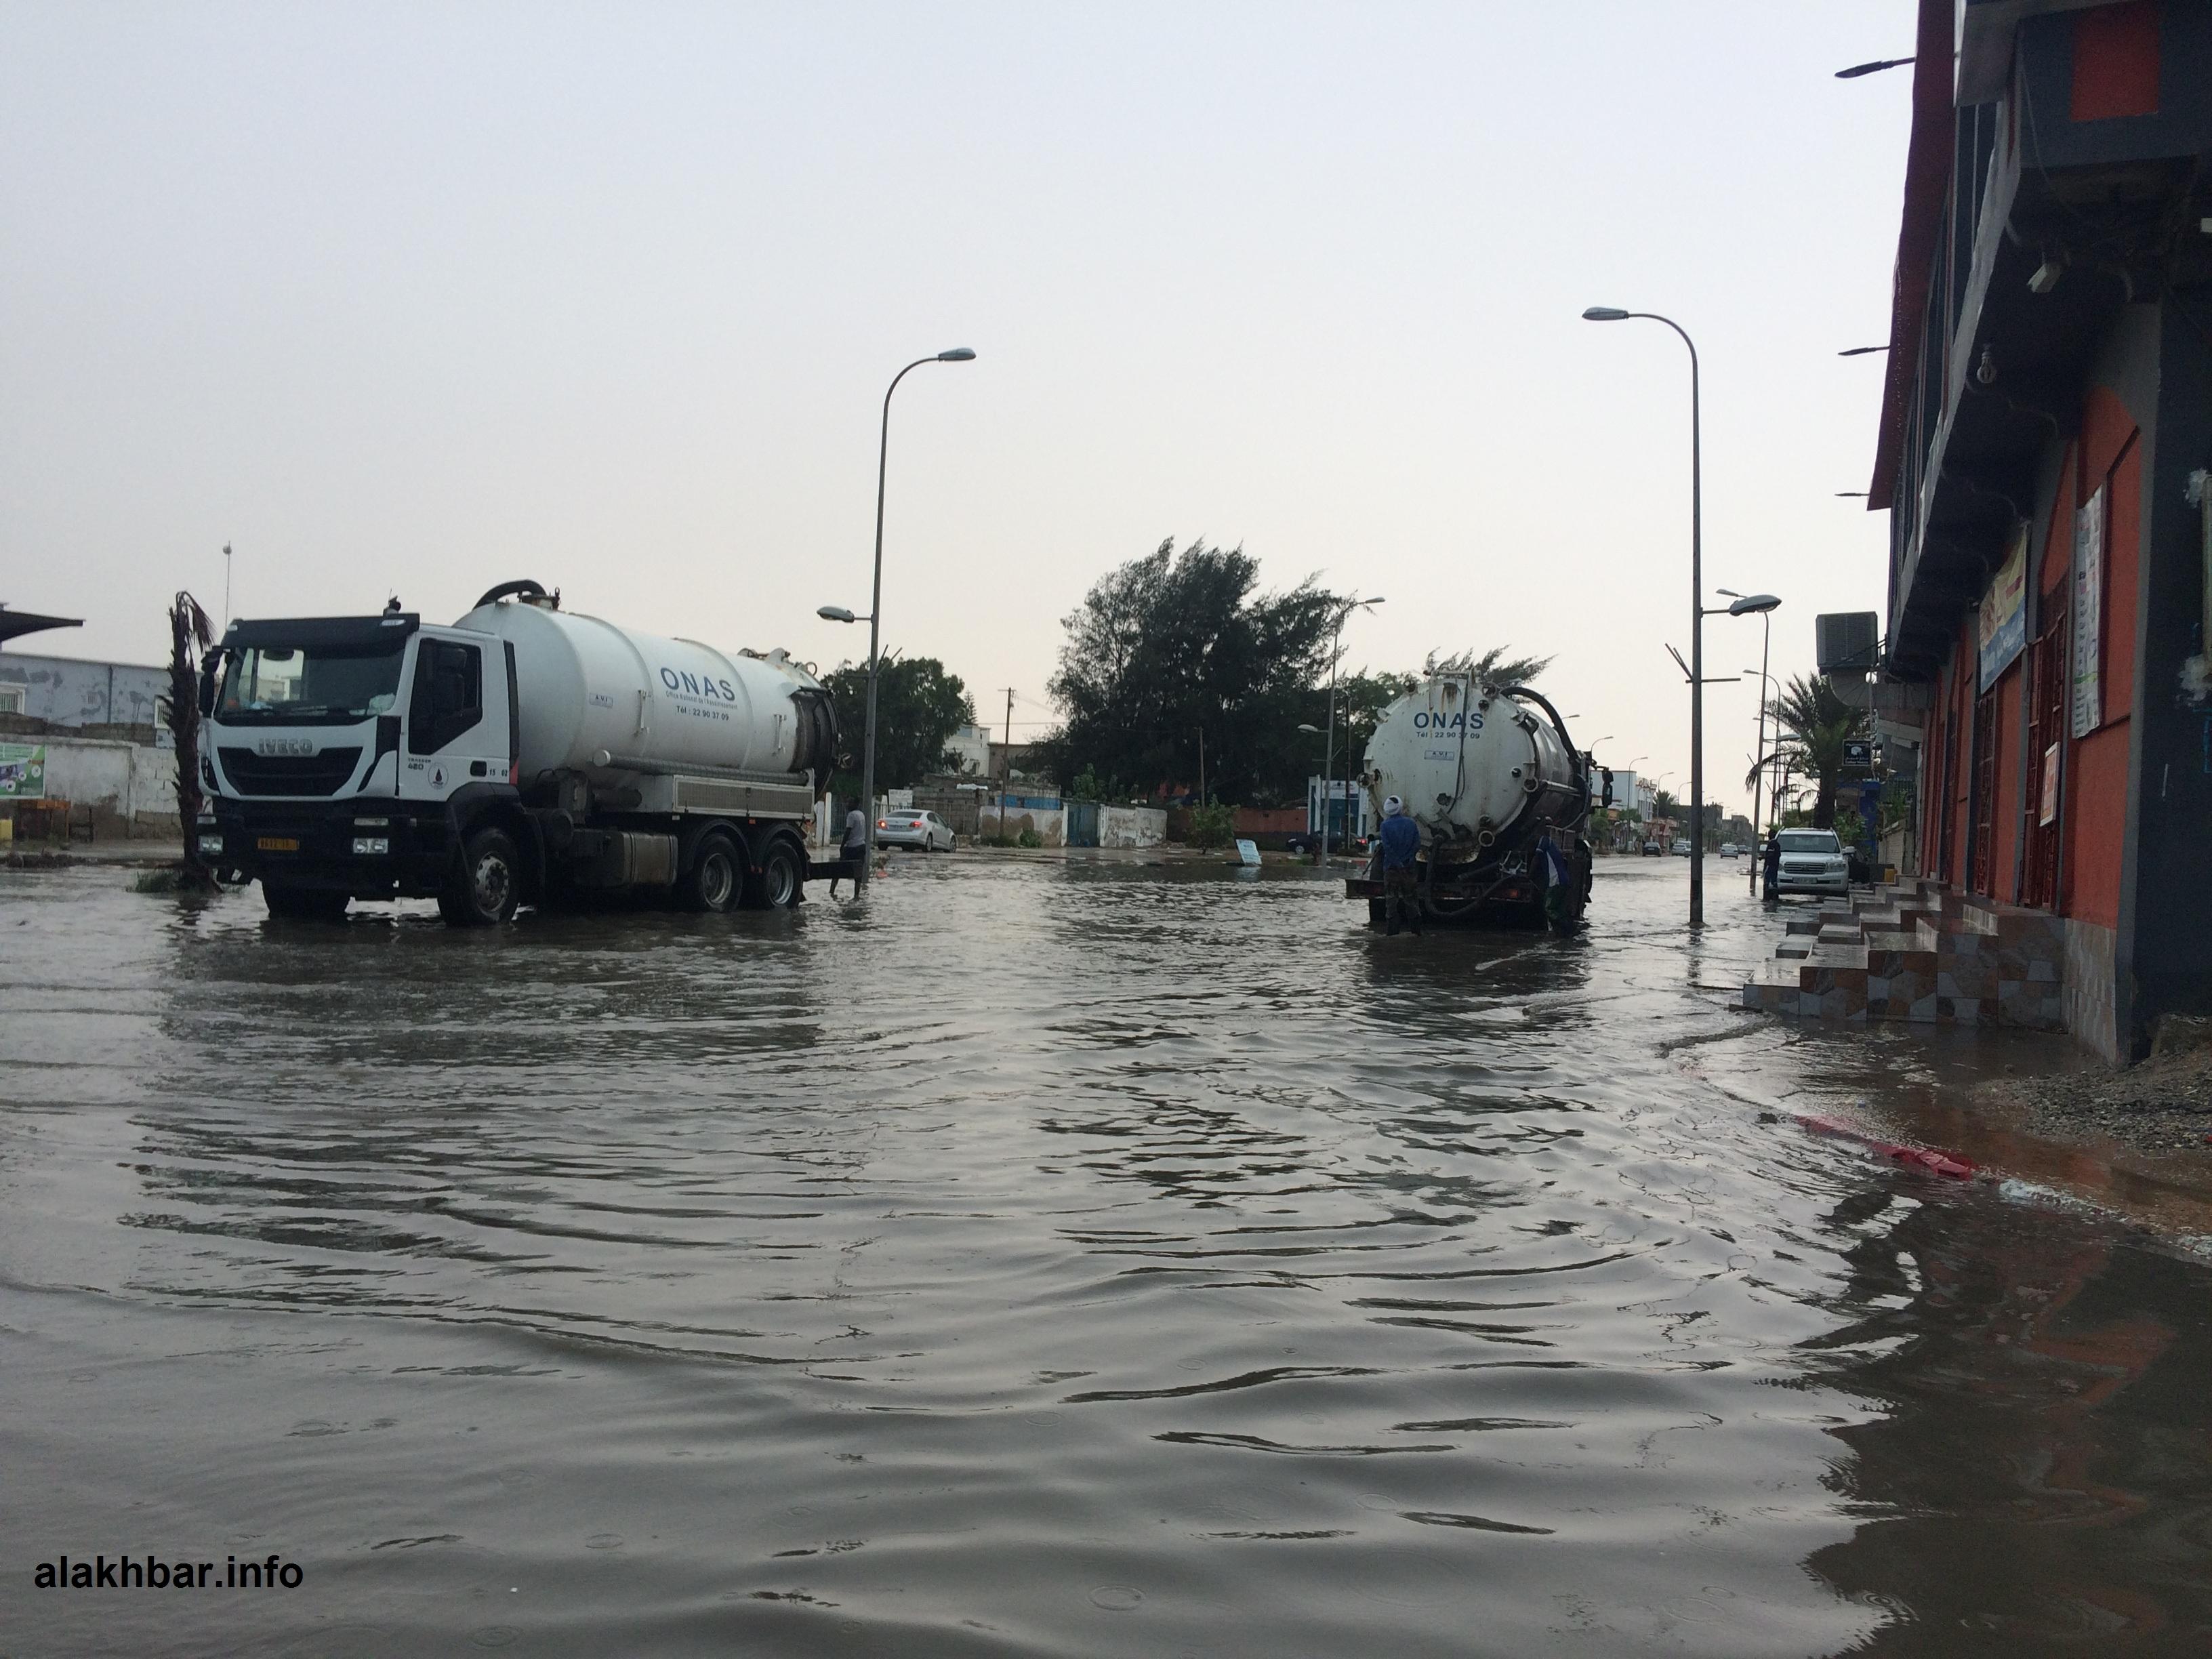 آليات تابعة لمكتب الصرف الصحي خلال سحب مياه الأمطار بداية الشهر الجاري (الأخبار)